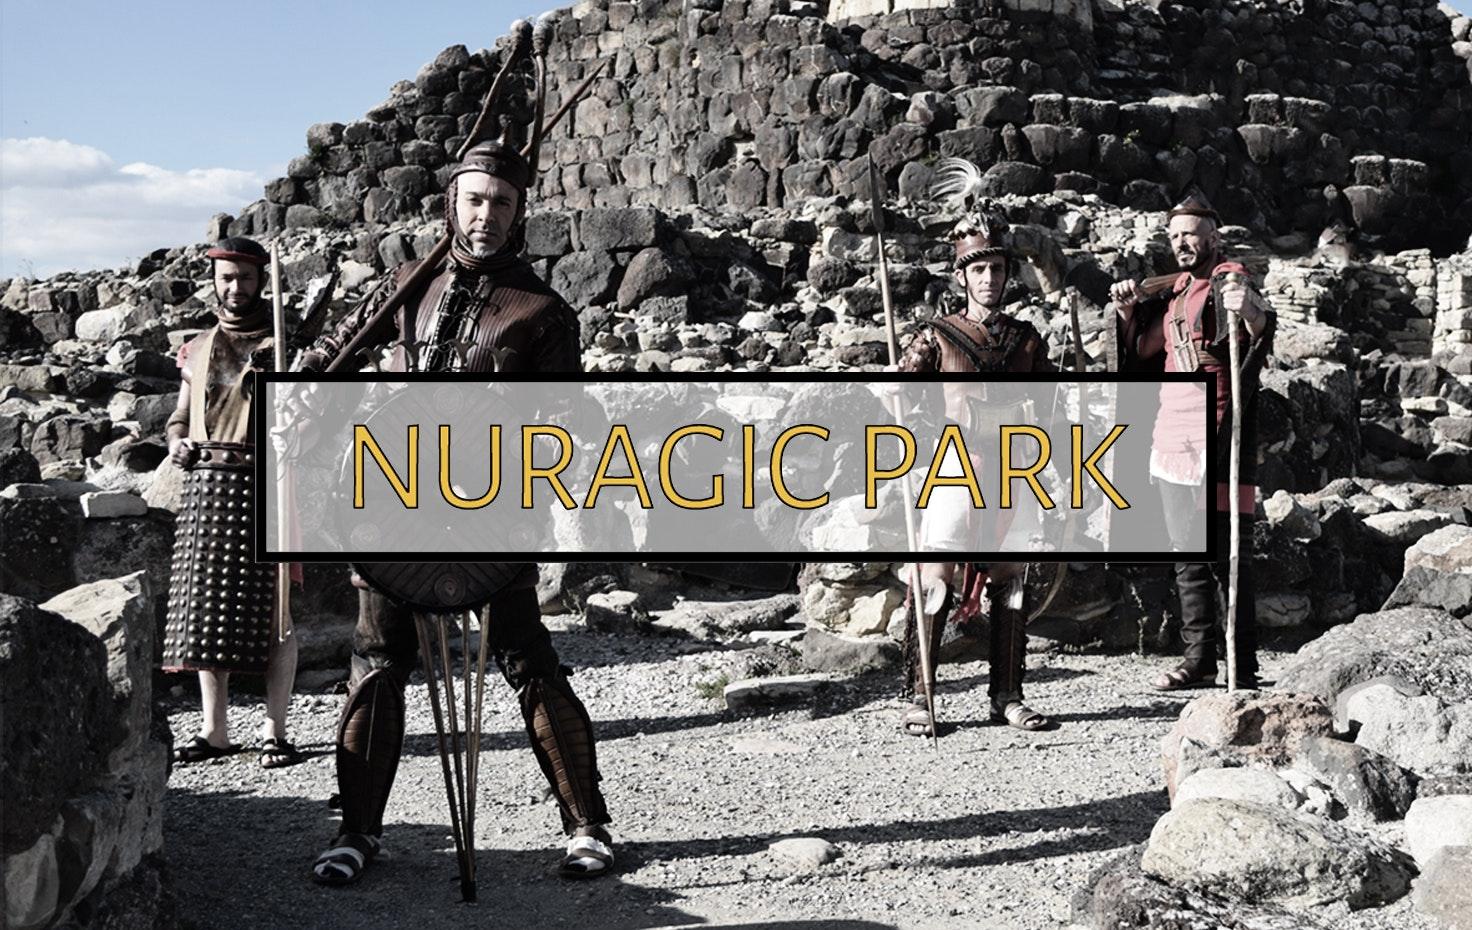 Nuragic Park